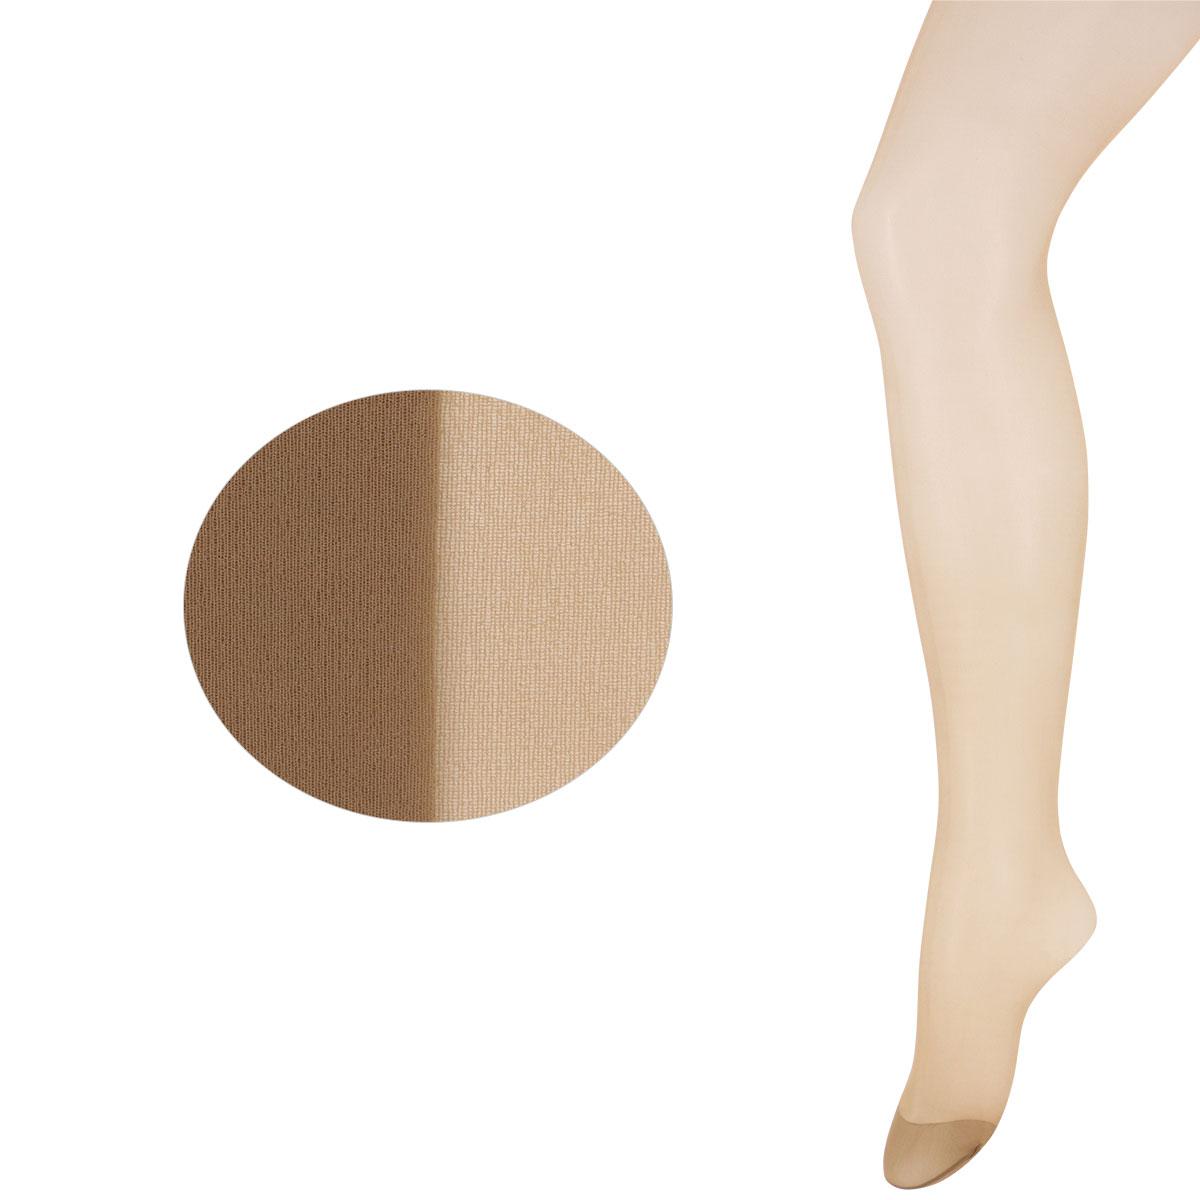 POLO RALPH LAUREN ポロ ラルフローレン|パンティストッキング|ウィメンズ ゾッキシアーサポート|シルクプロテイン加工 横縞のない滑らかな履き心地|183-2222